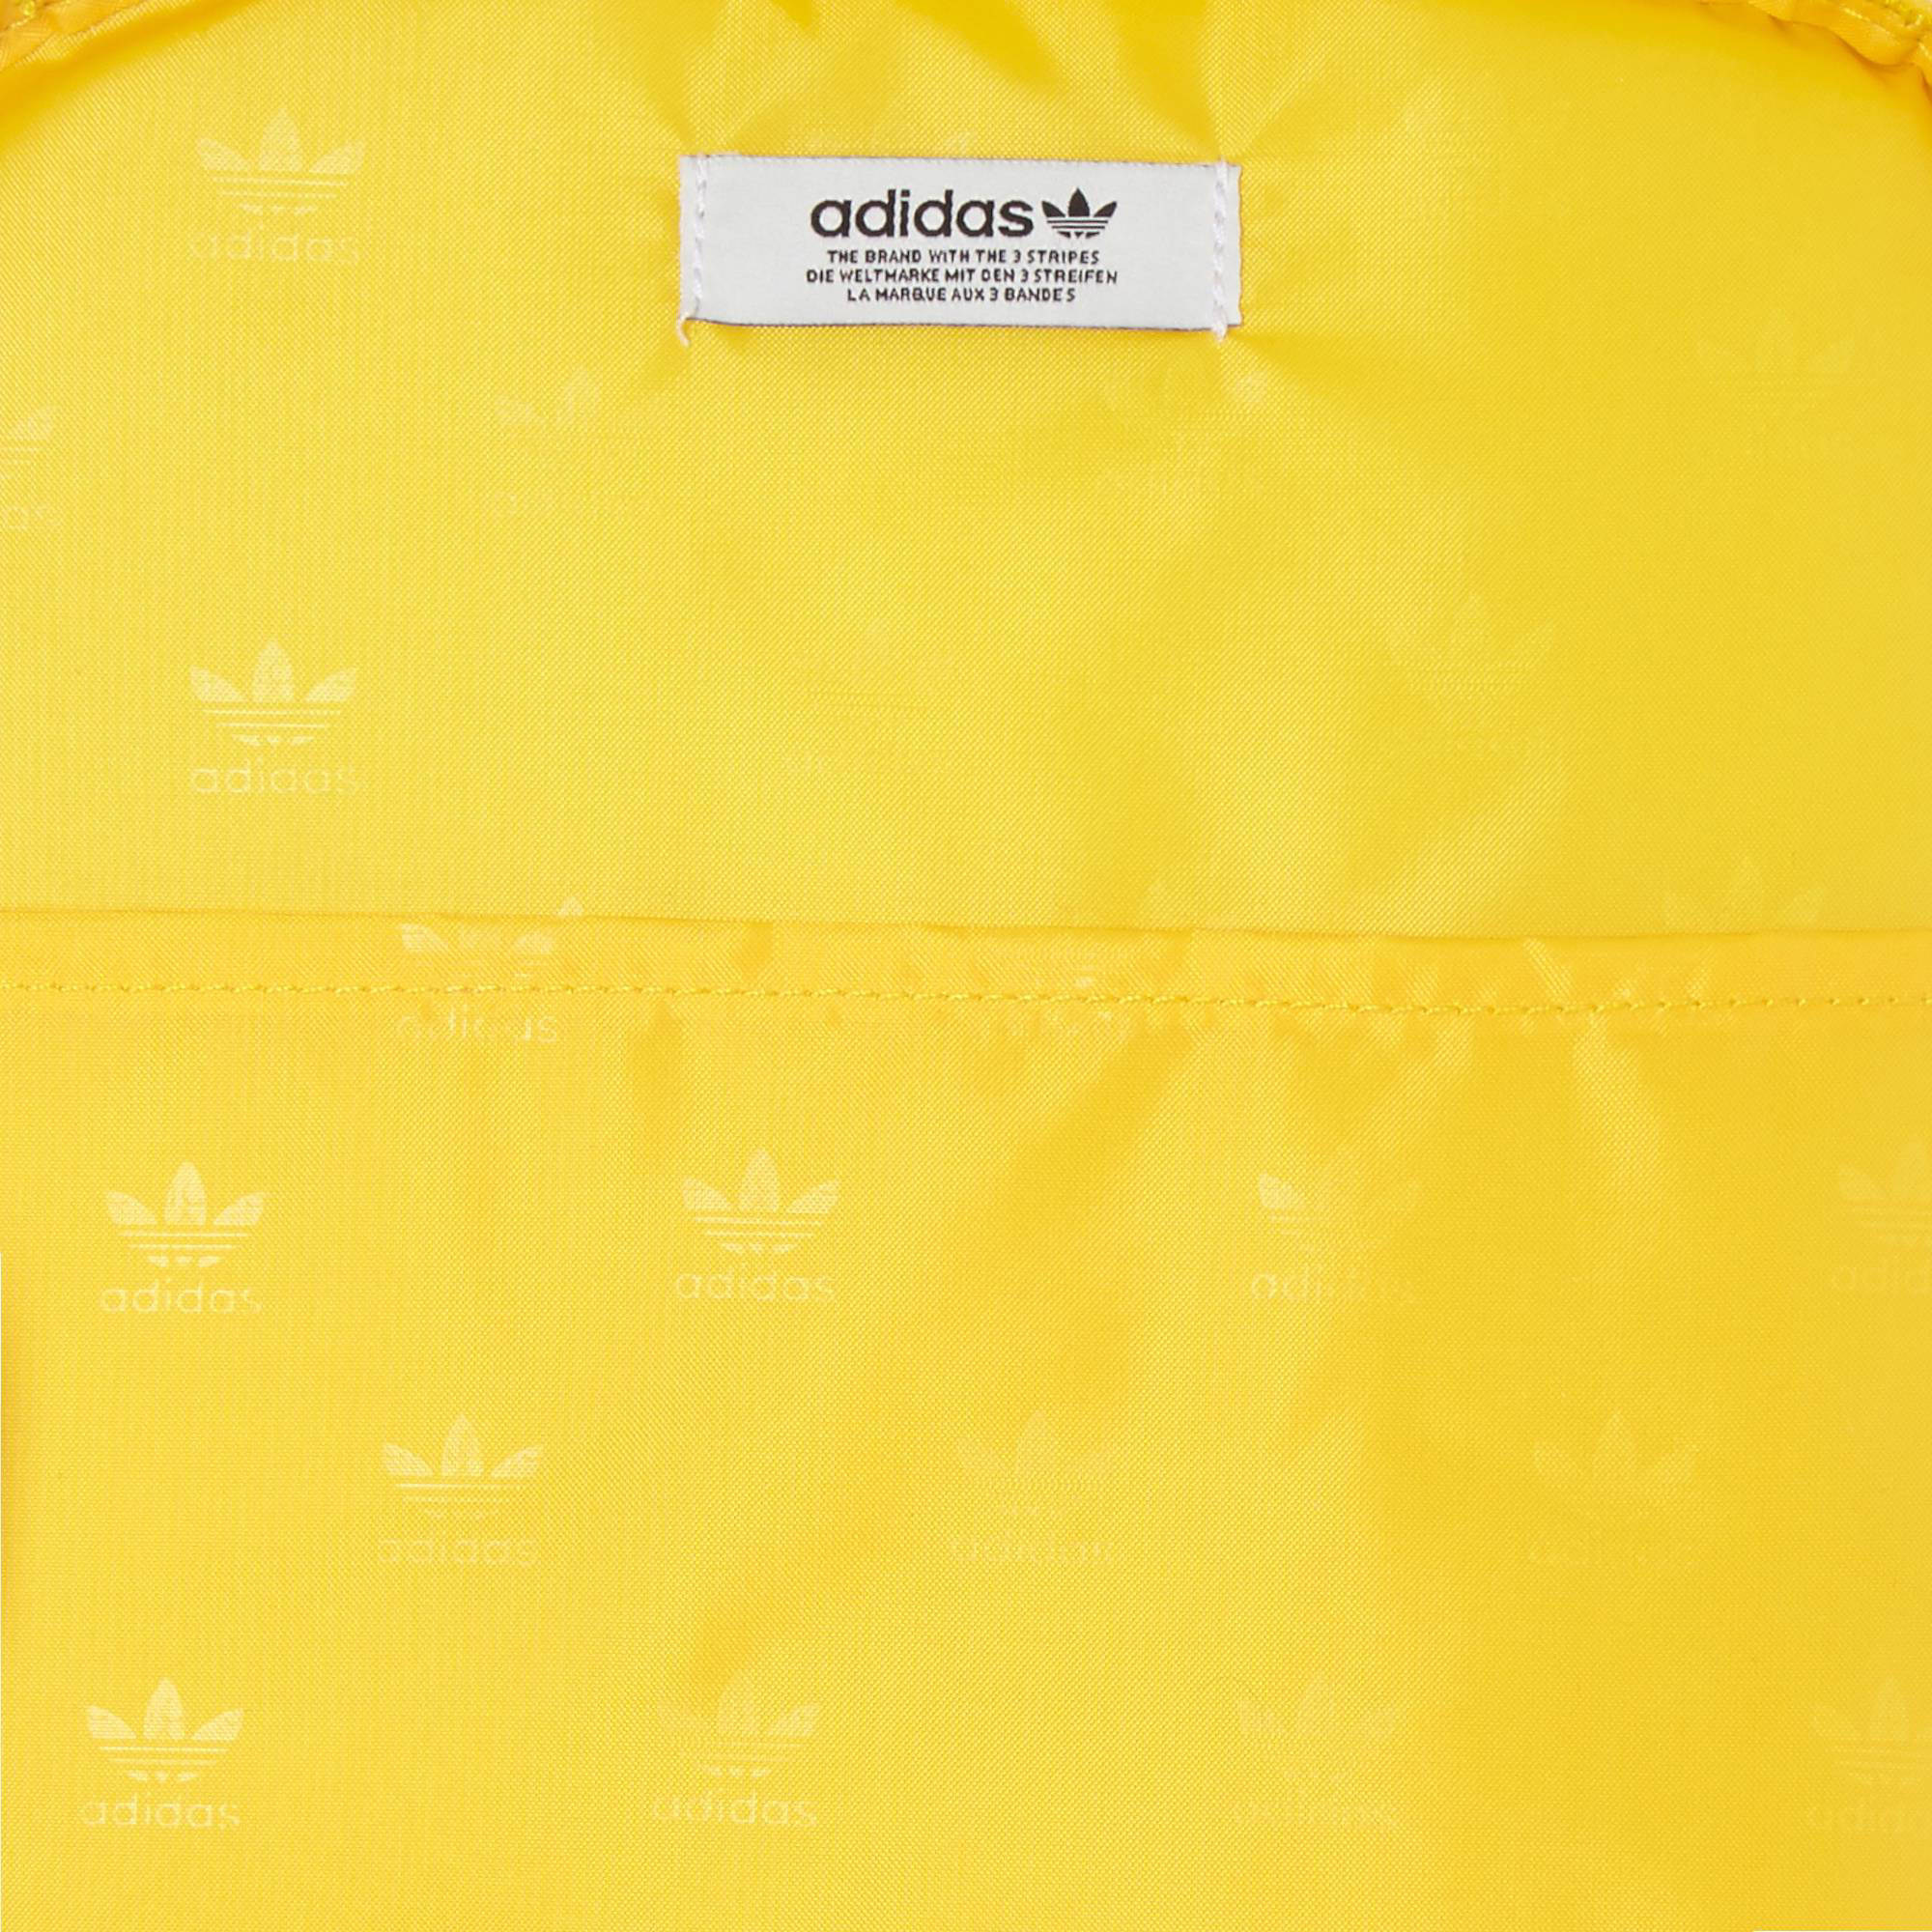 132b838146a adidas originals rugzak geel | wehkamp